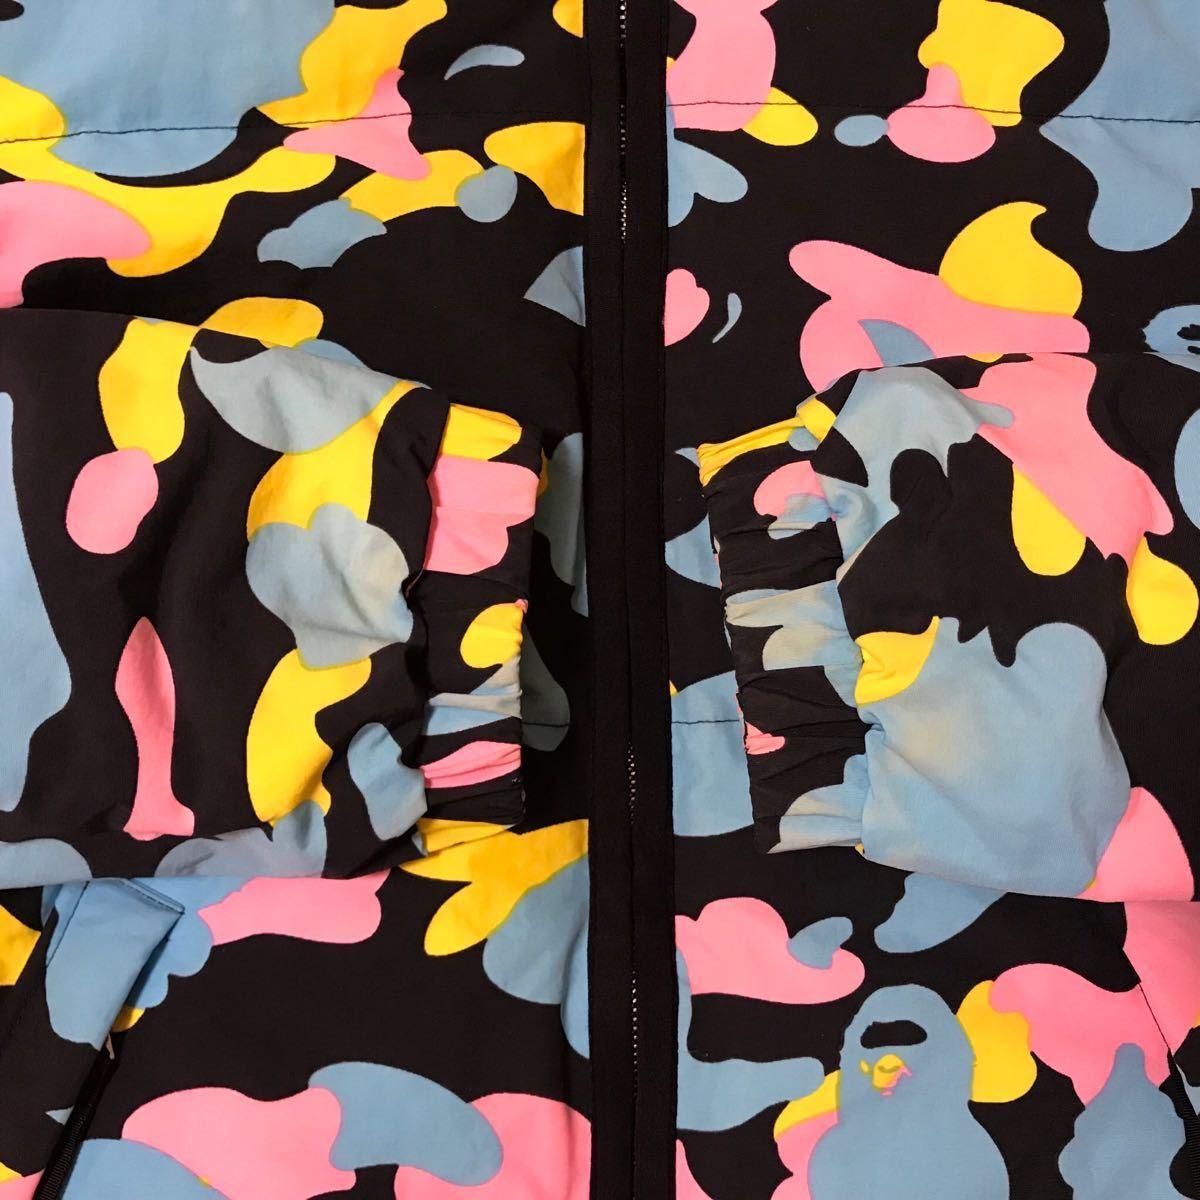 ★リバーシブル★ マルチカモ ダウンジャケット レディース tallサイズ a bathing ape bape cotton candy camo multi エイプ ベイプ kanye